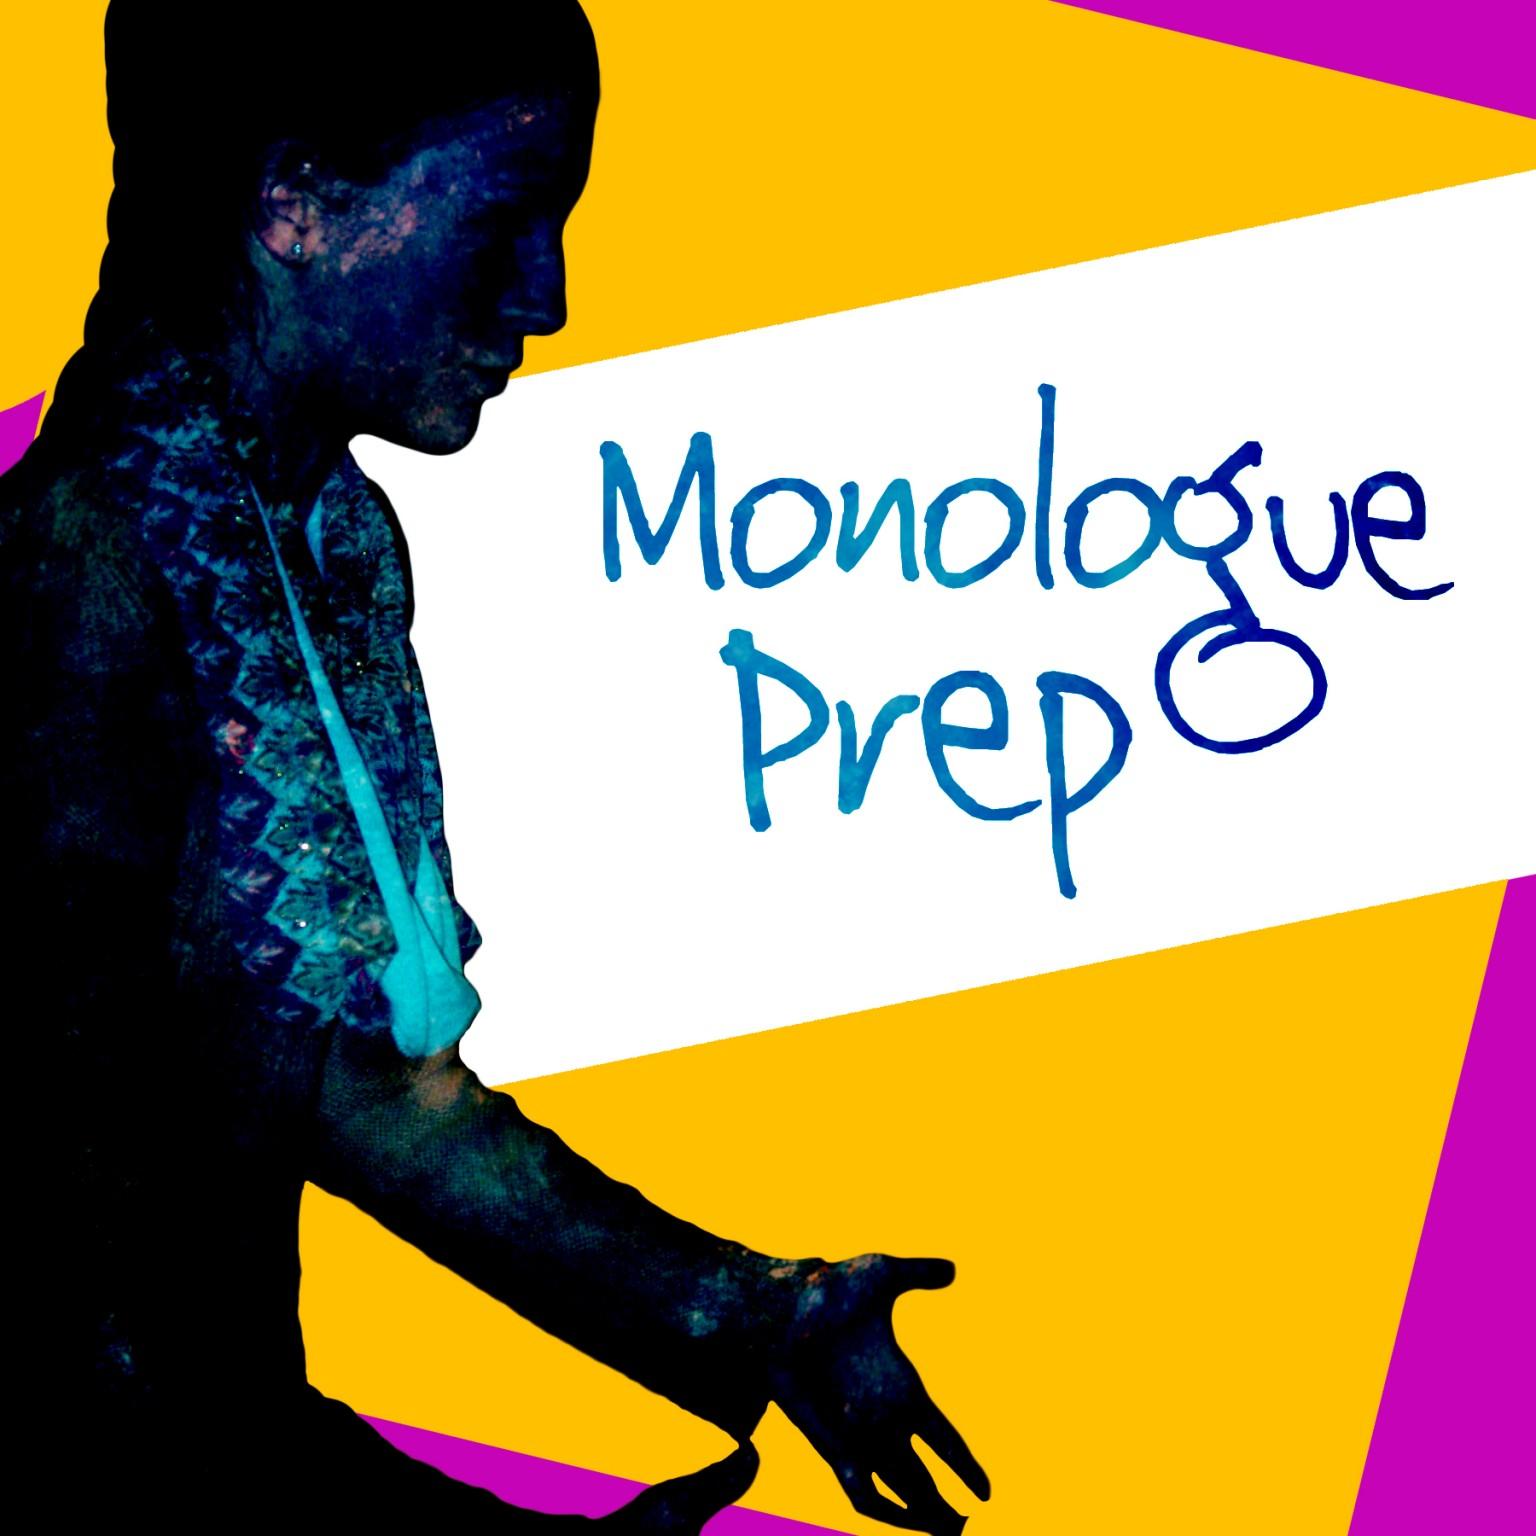 10 Monologue Prep